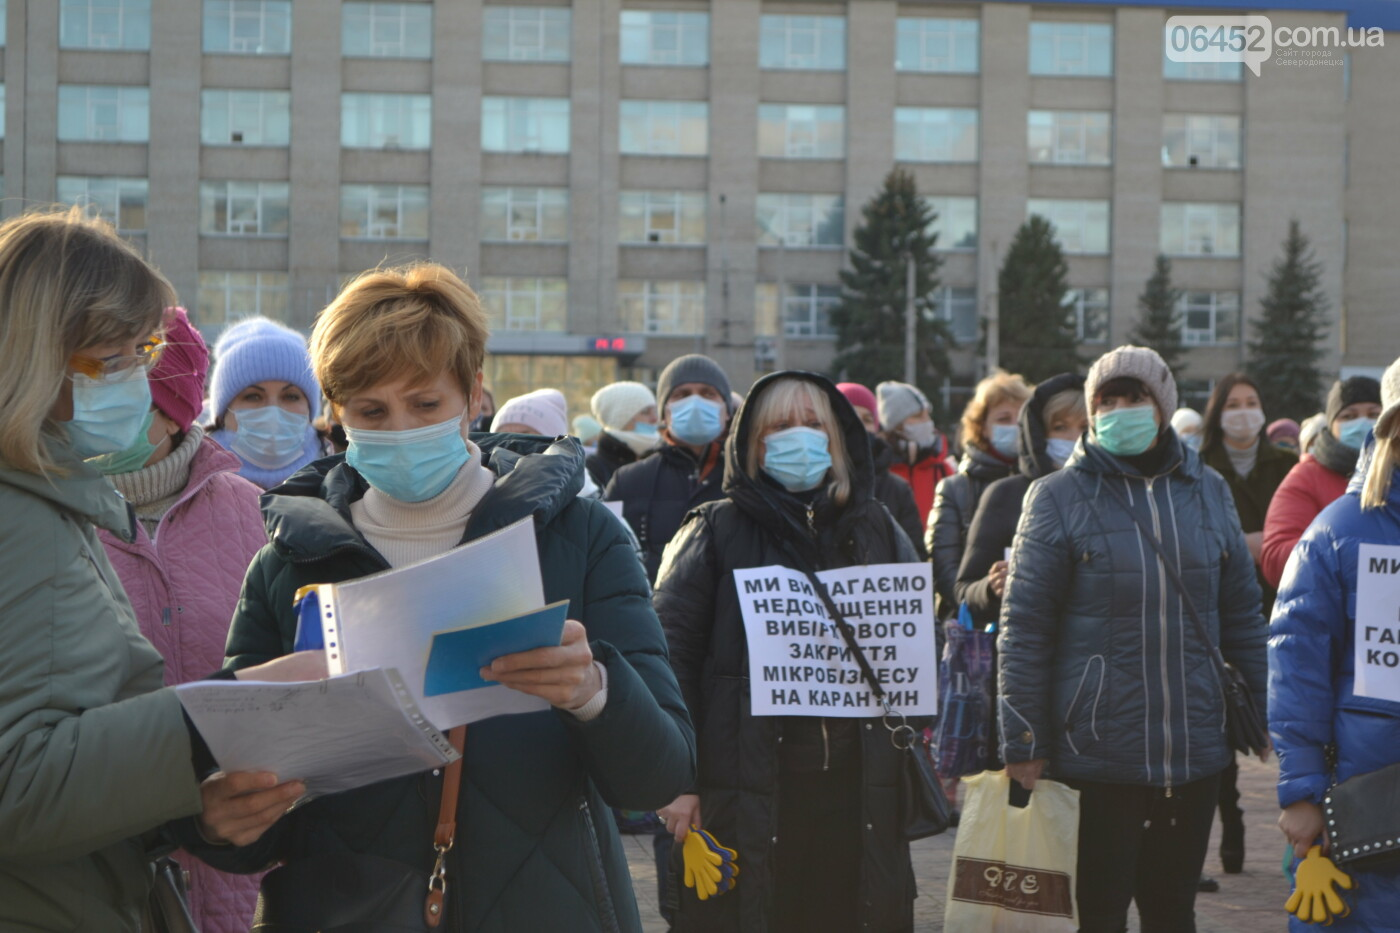 """Предприниматели Луганщины вышли на митинг против """"карантина выходного дня"""" (фото, видео), фото-8"""